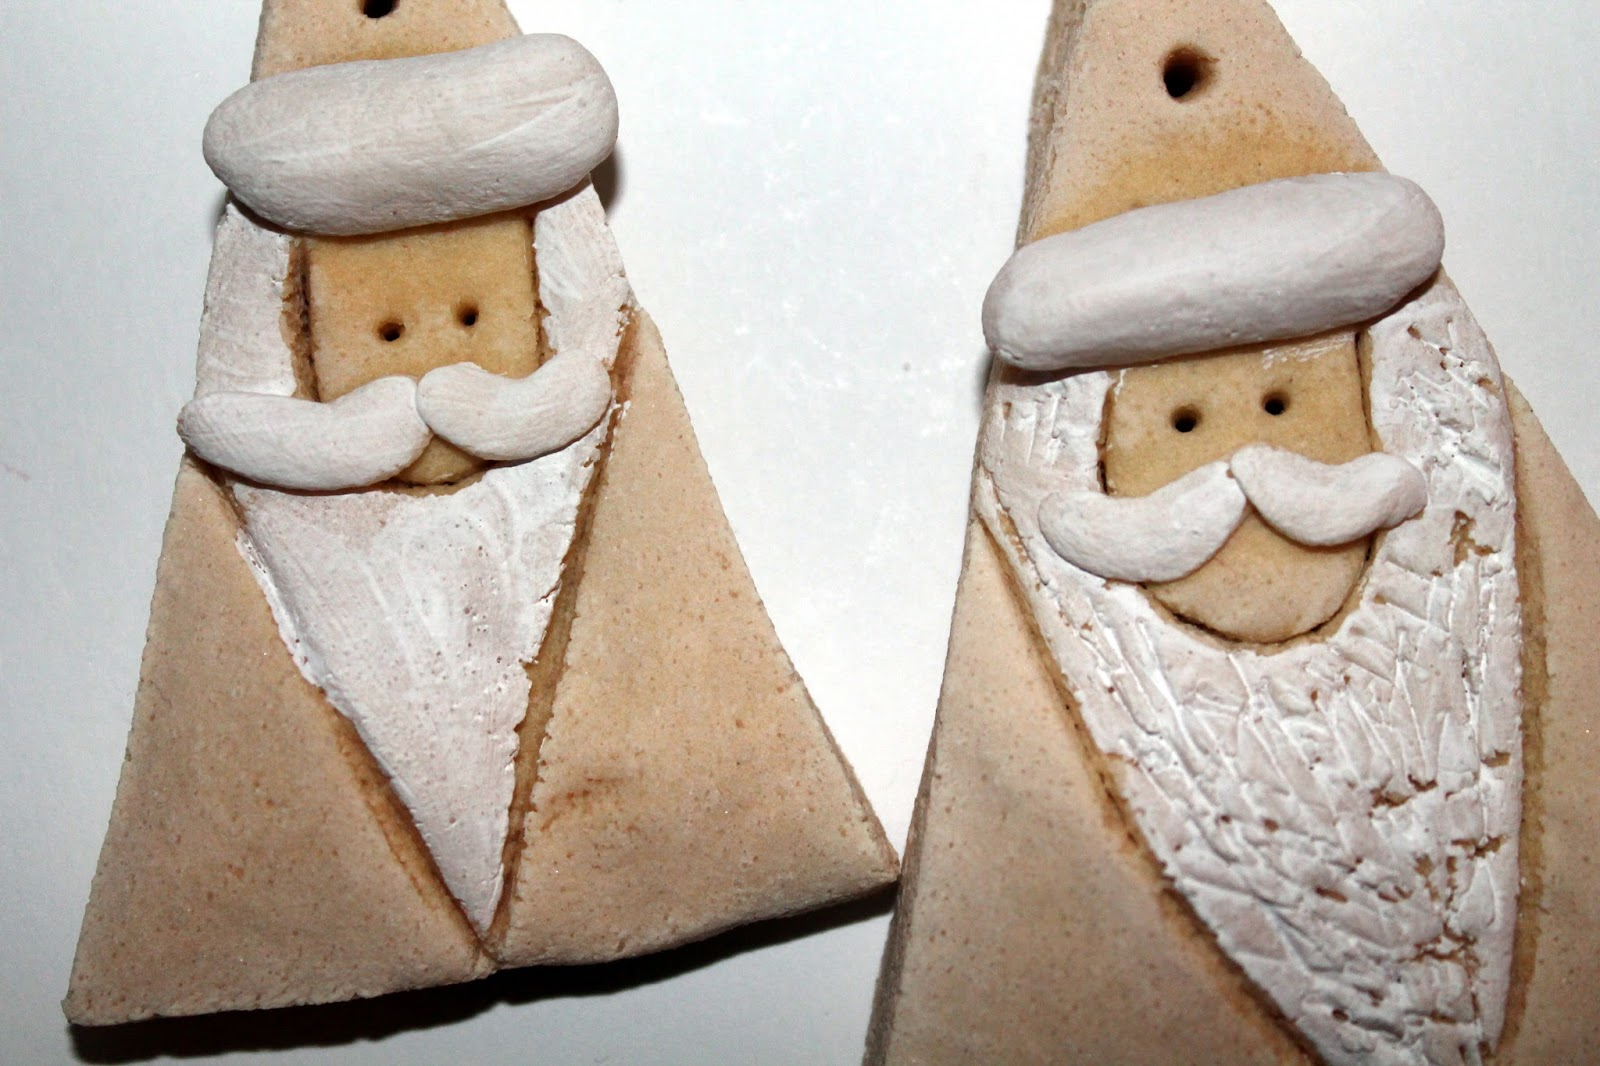 DIY, Basteln: Salzteig Weihnachtsmänner als Christbaumanhänger oder Geschenkanhänger in Weihnachtsdekoration, Wohndekoration und Geschenkideen - DIYCarinchen